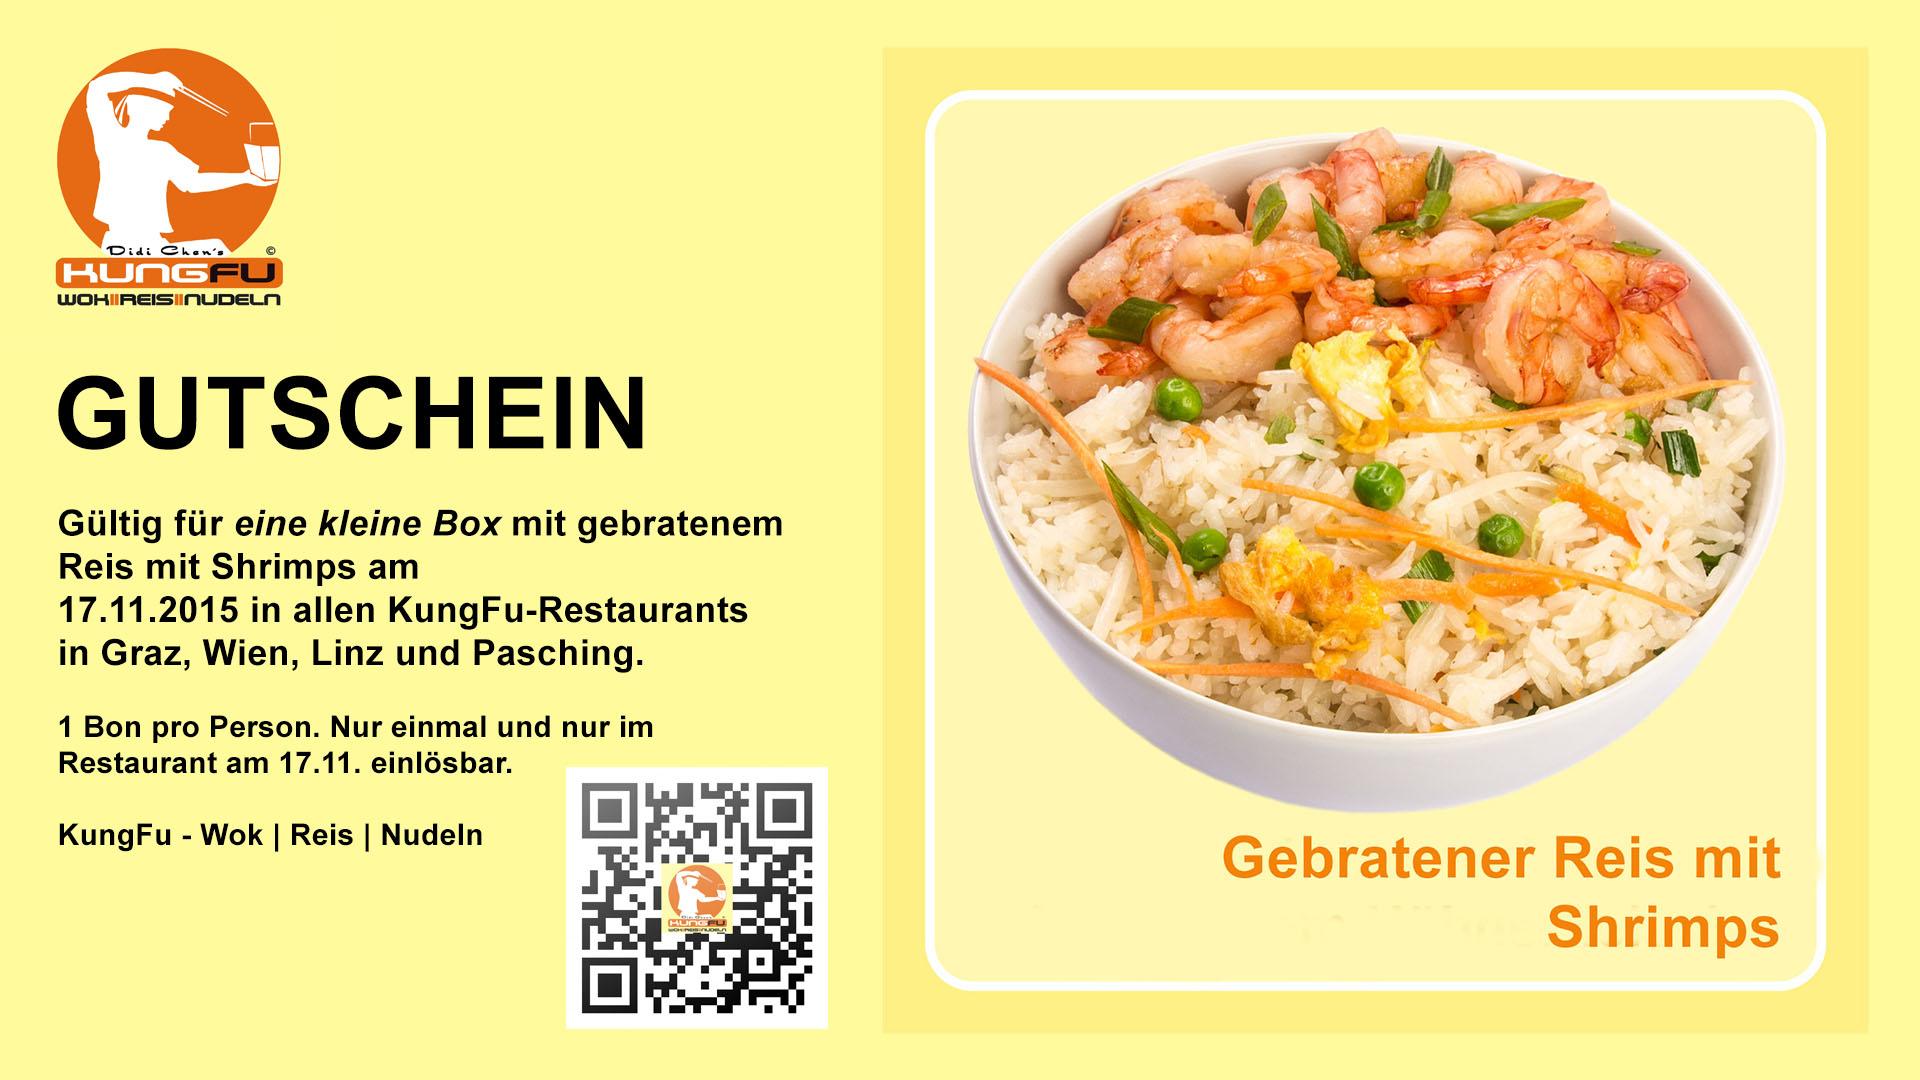 KungFu: Kleine Box gebratenen Reis mit Shrimps komplett kostenlos! - Nur am 17. November